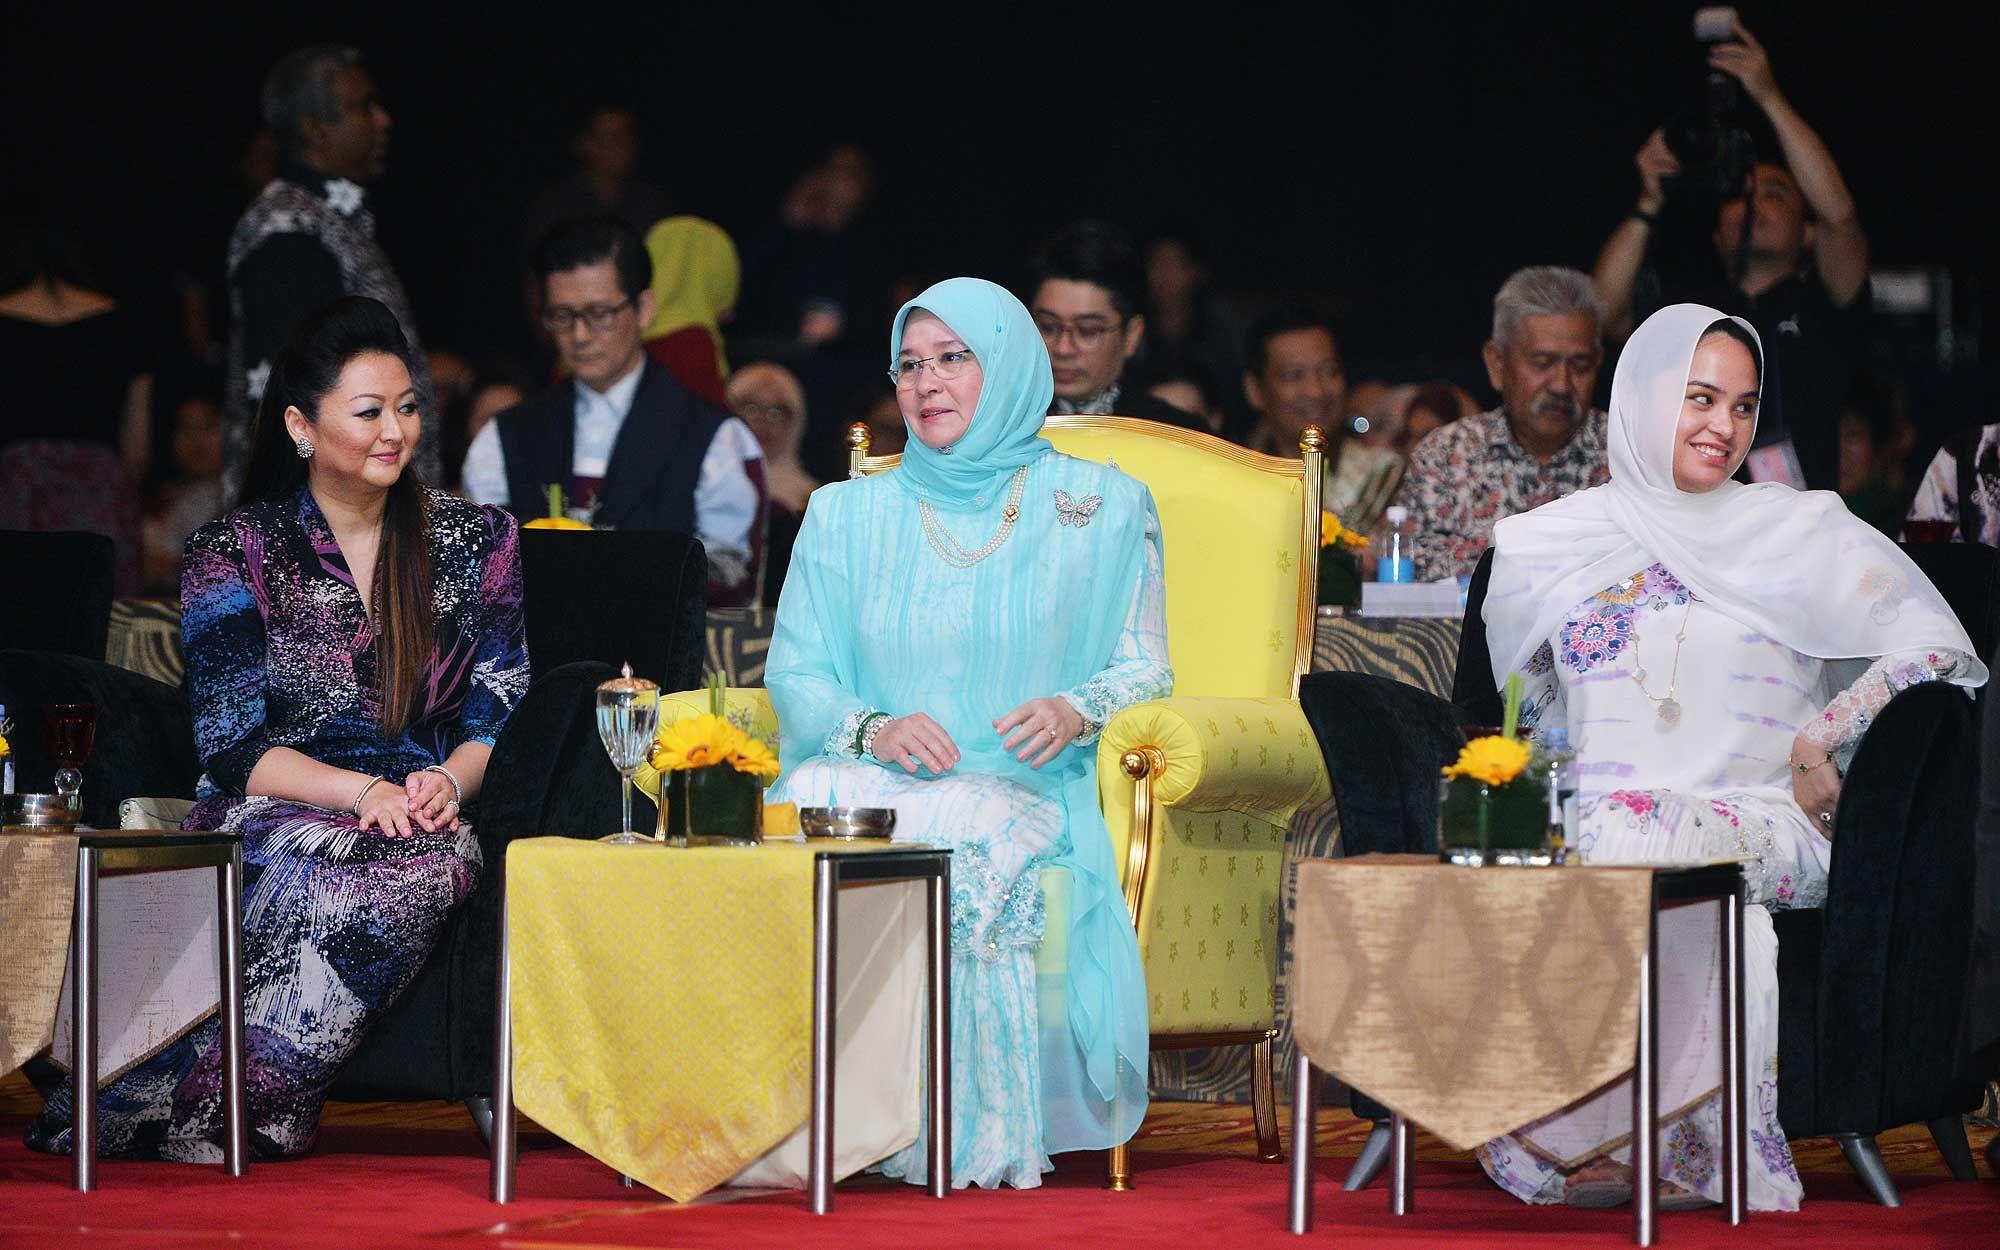 Nori Abdullah, Her Majesty Raja Permaisuri Agong Tunku Azizah Aminah Maimunah Iskandariah and Tengku Puteri Afzan Aminah Hafizatullah Al-Sultan Abdullah